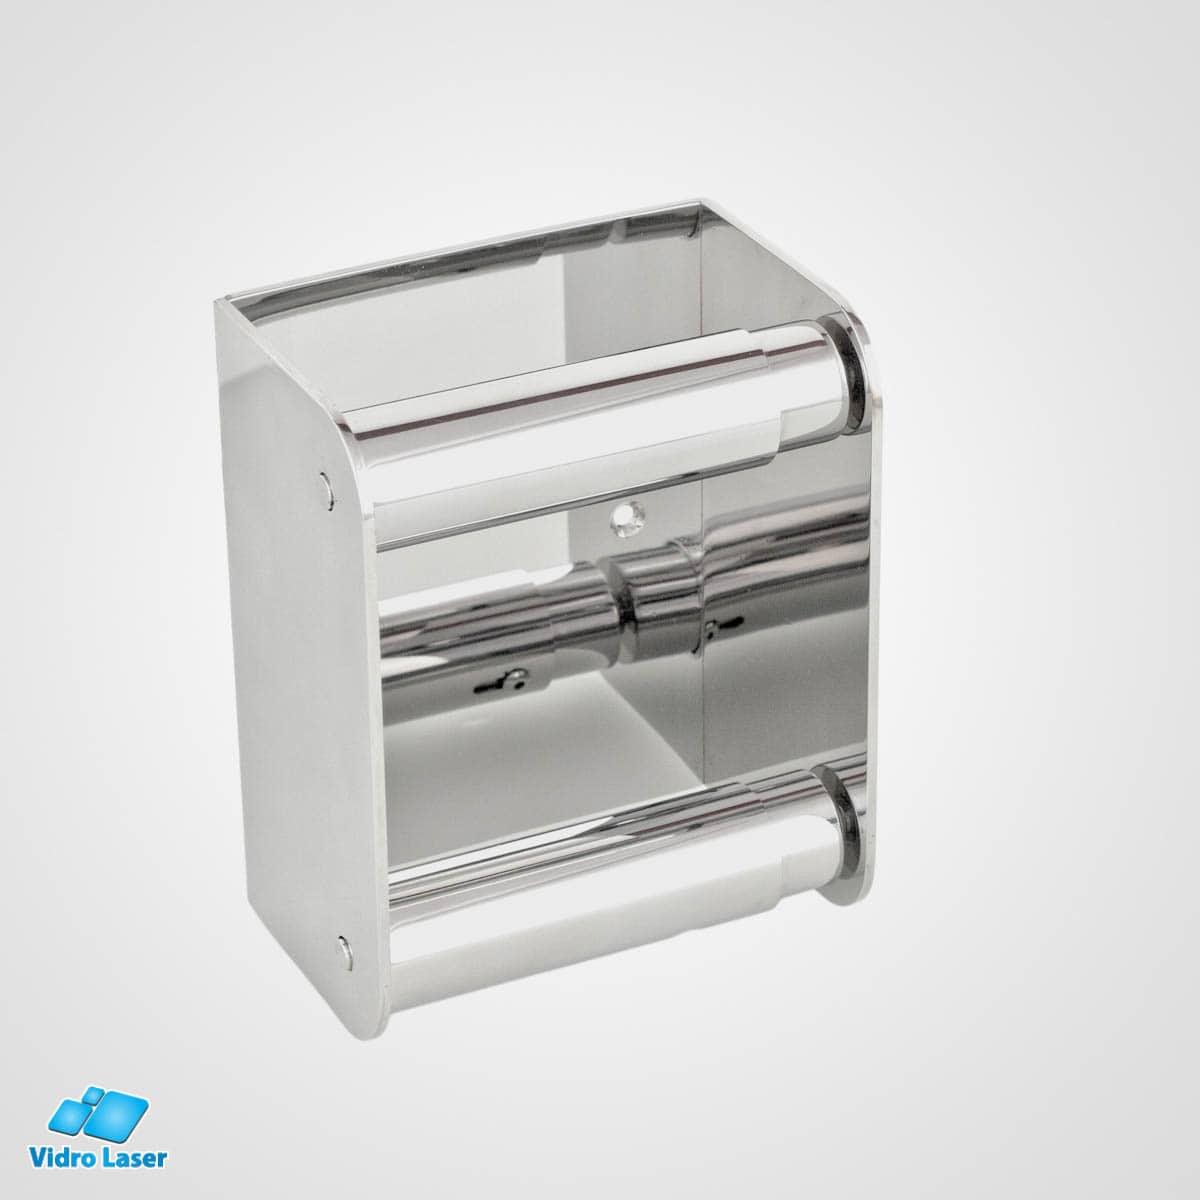 Vidro Laser Linhas de acessórios para banheiro. #0C8CBF 1200x1200 Acessorios Banheiro Vidro